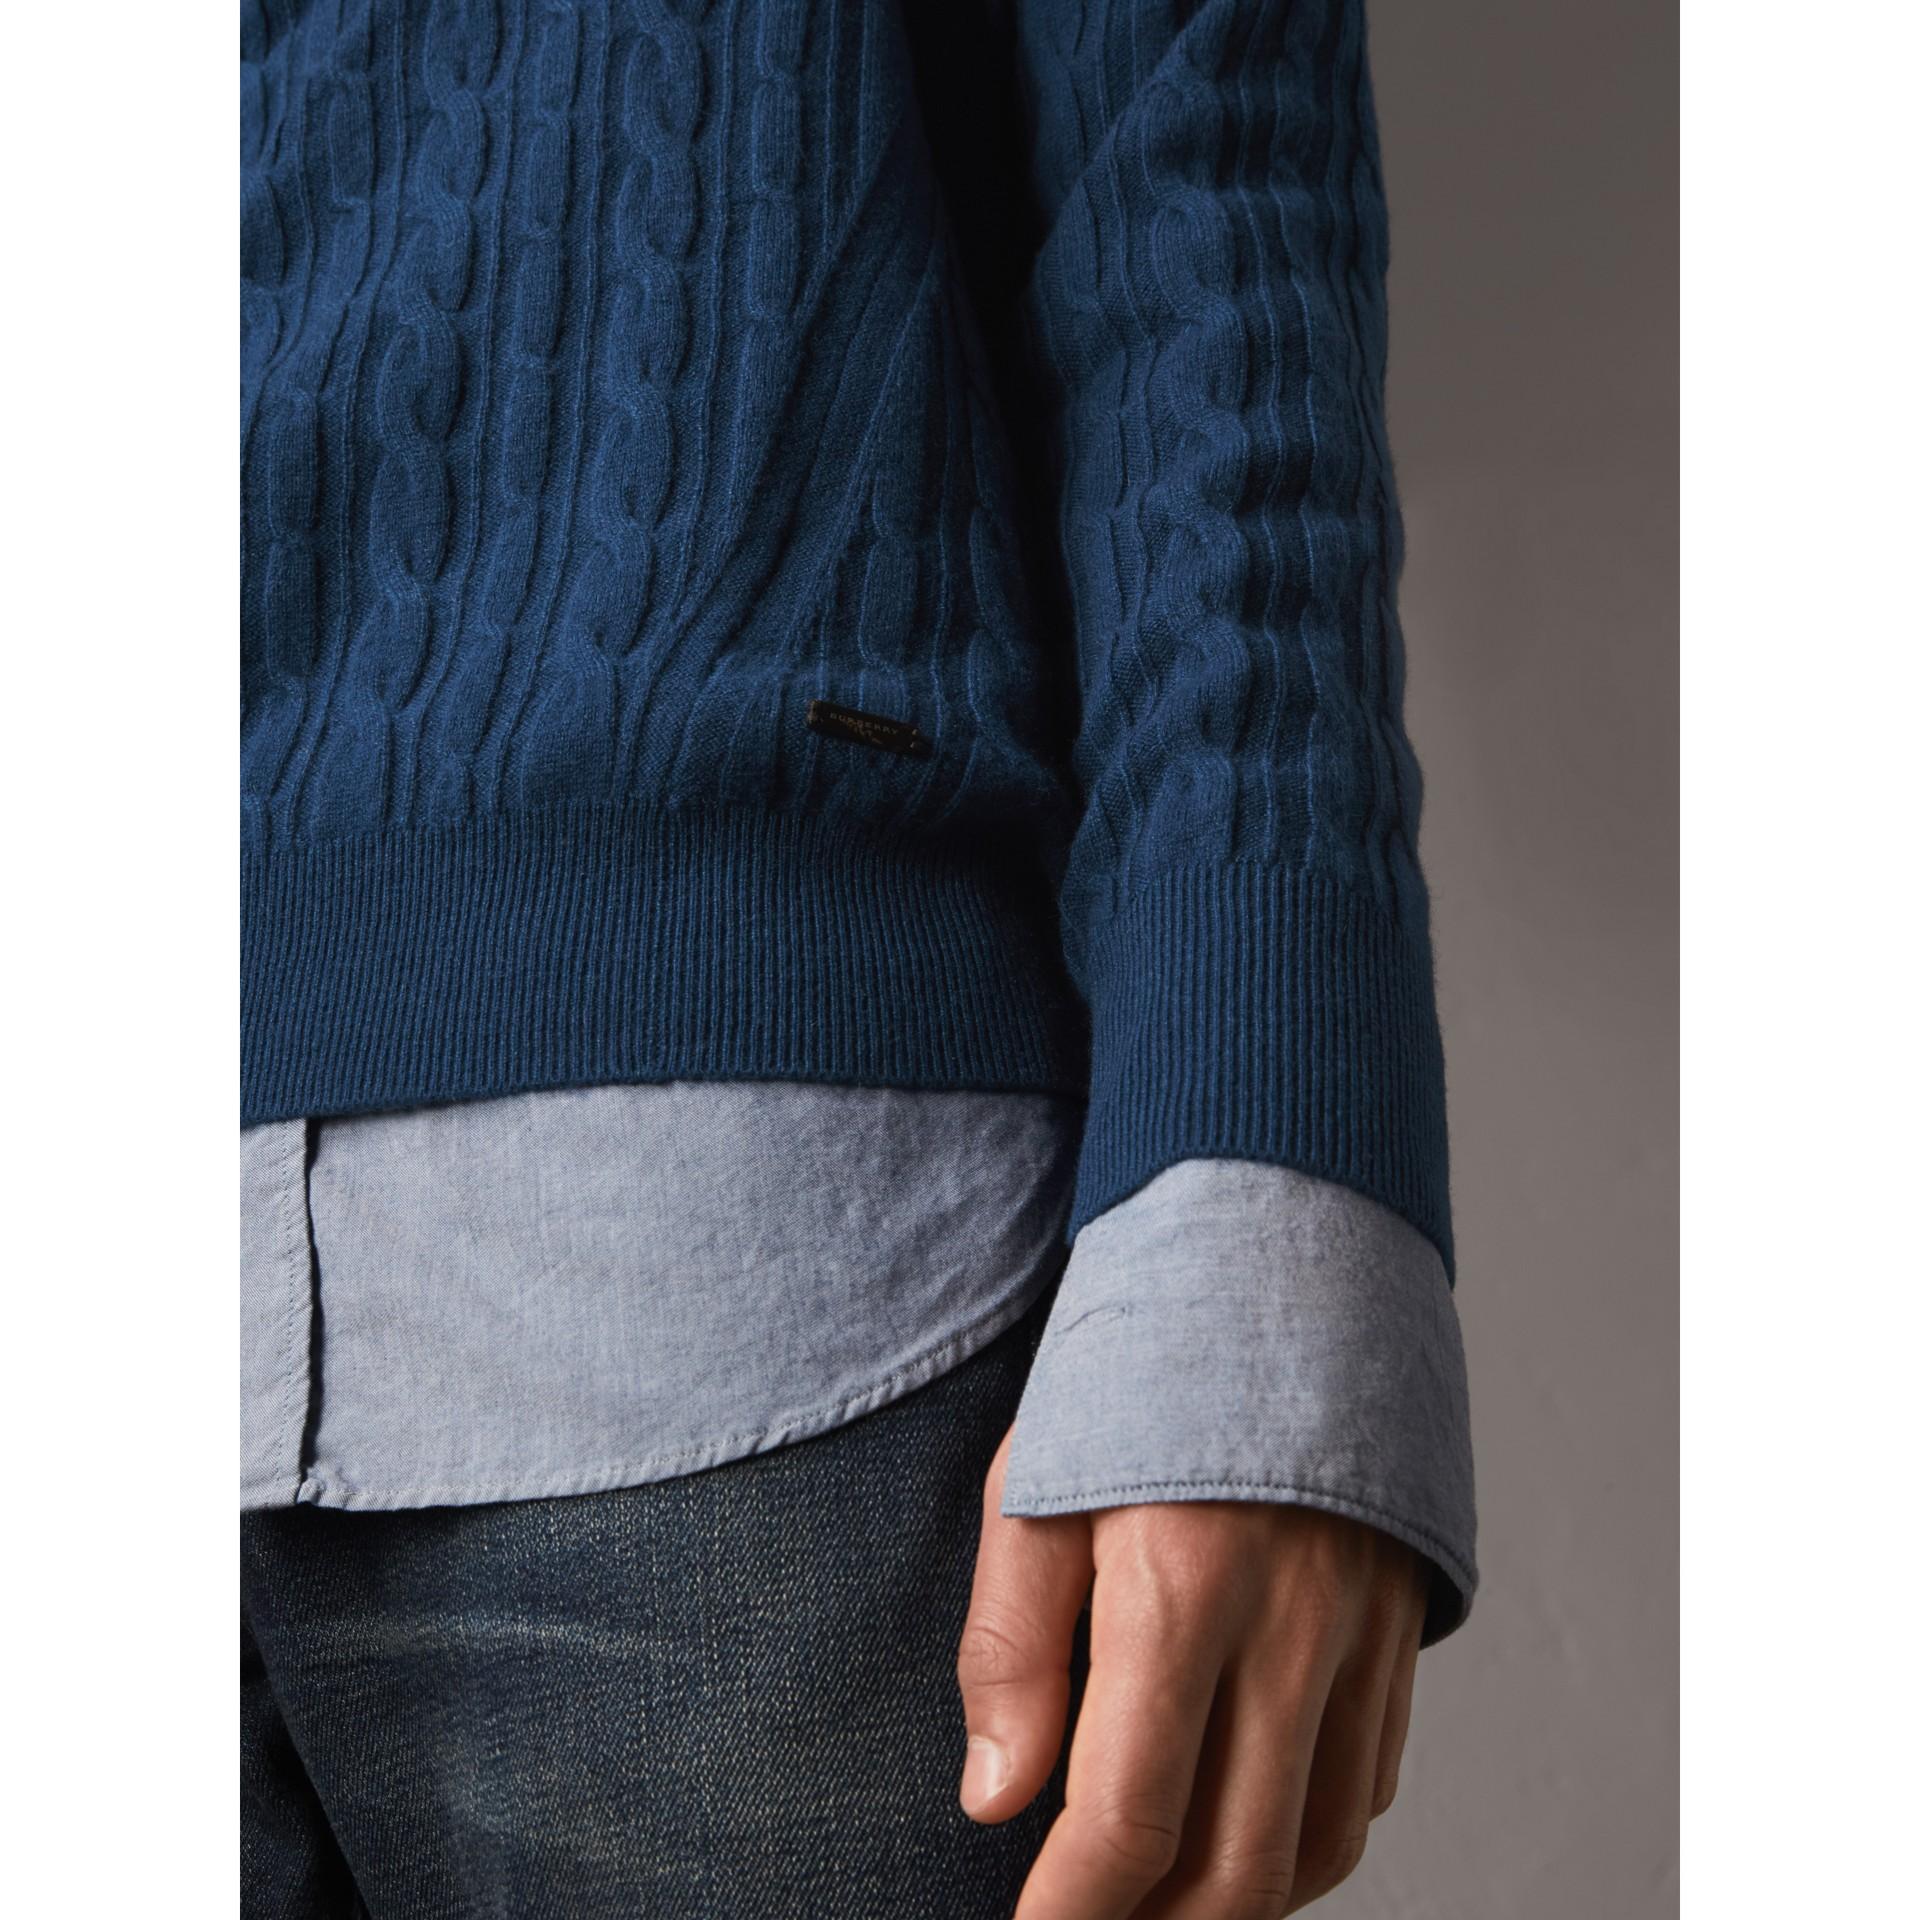 ケーブル&リブニット カシミア Vネックセーター (ブライトネイビー) - メンズ | バーバリー - ギャラリーイメージ 2